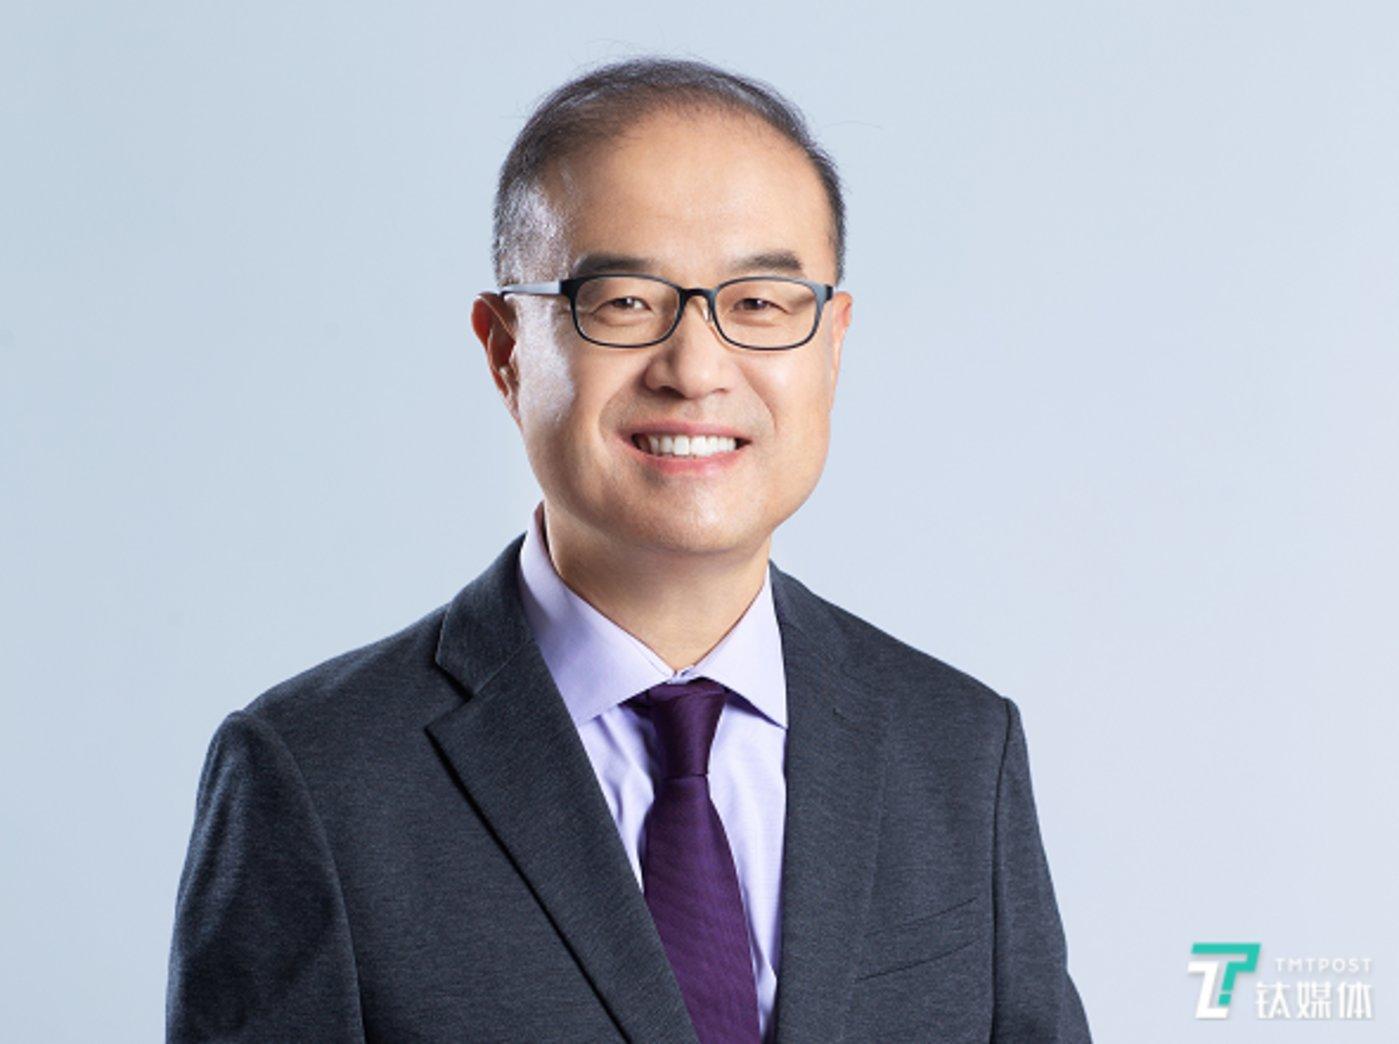 清华大学医学院教授、全球健康与传染病研究中心主任张林琦